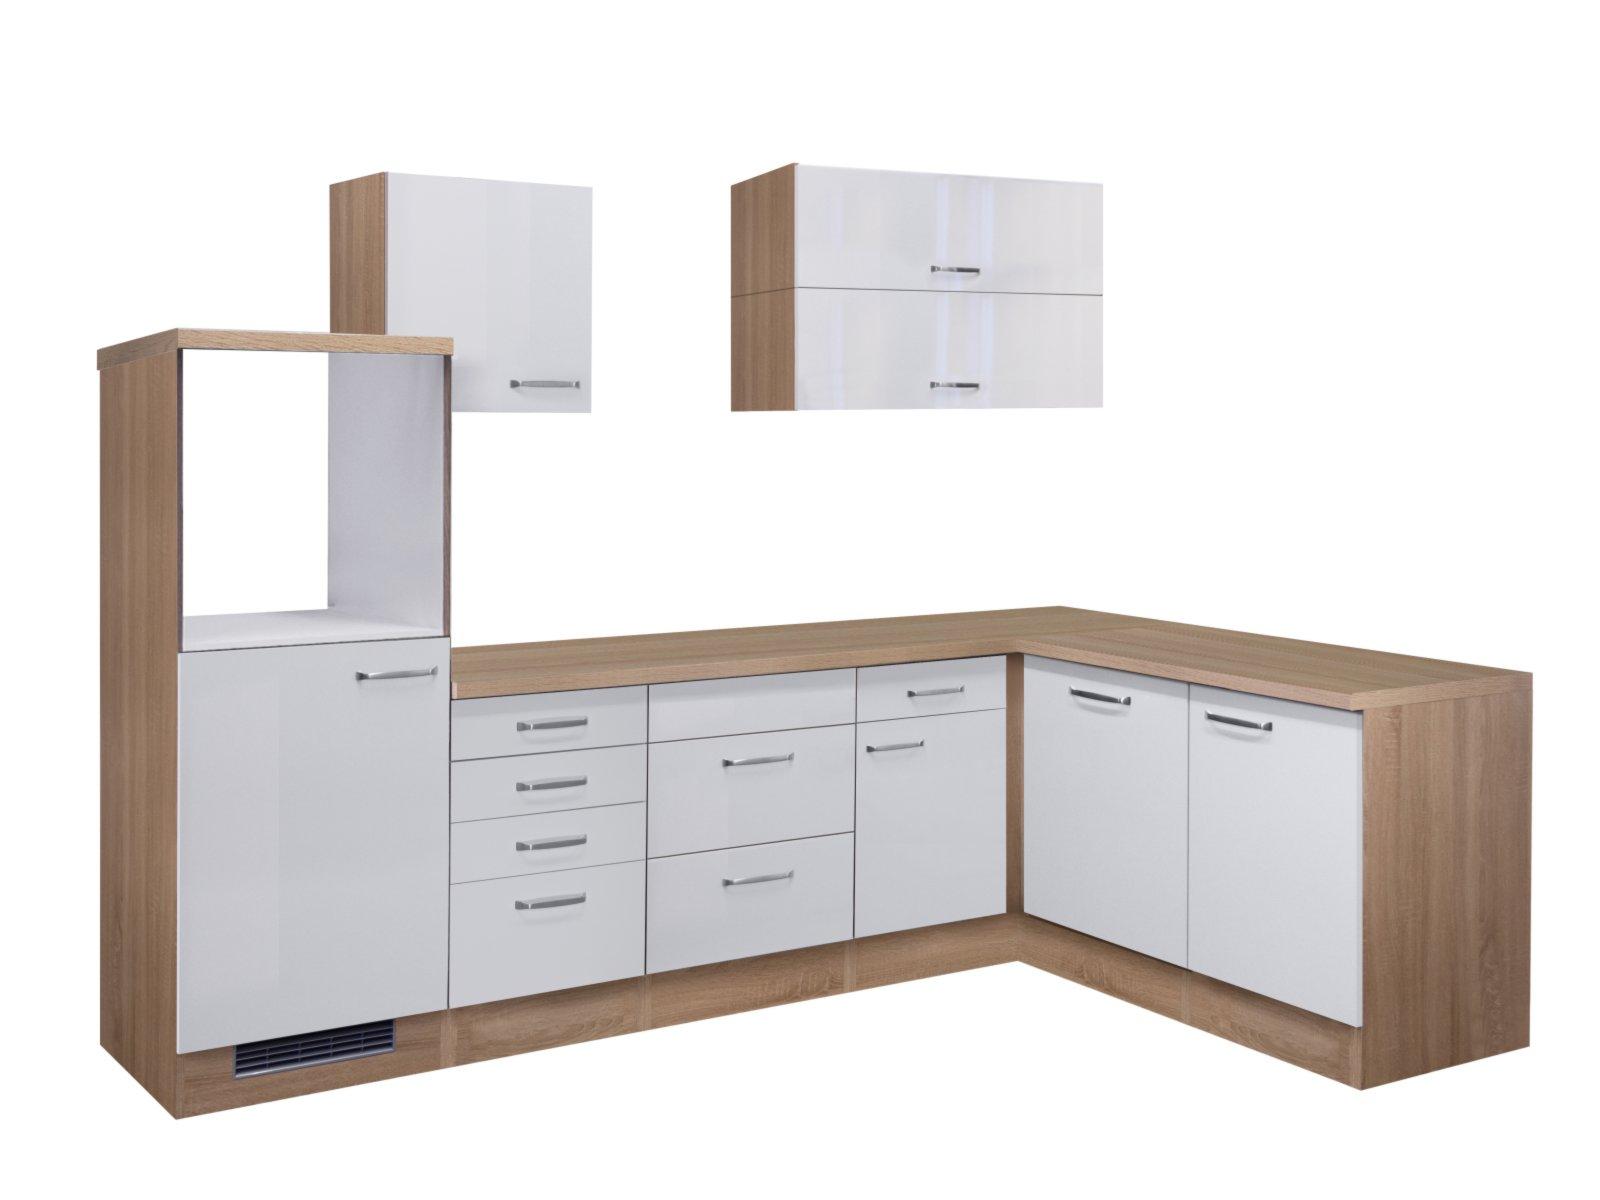 Winkelküche VALERO - weiß Hochglanz-Sonoma Eiche - 280x170 cm